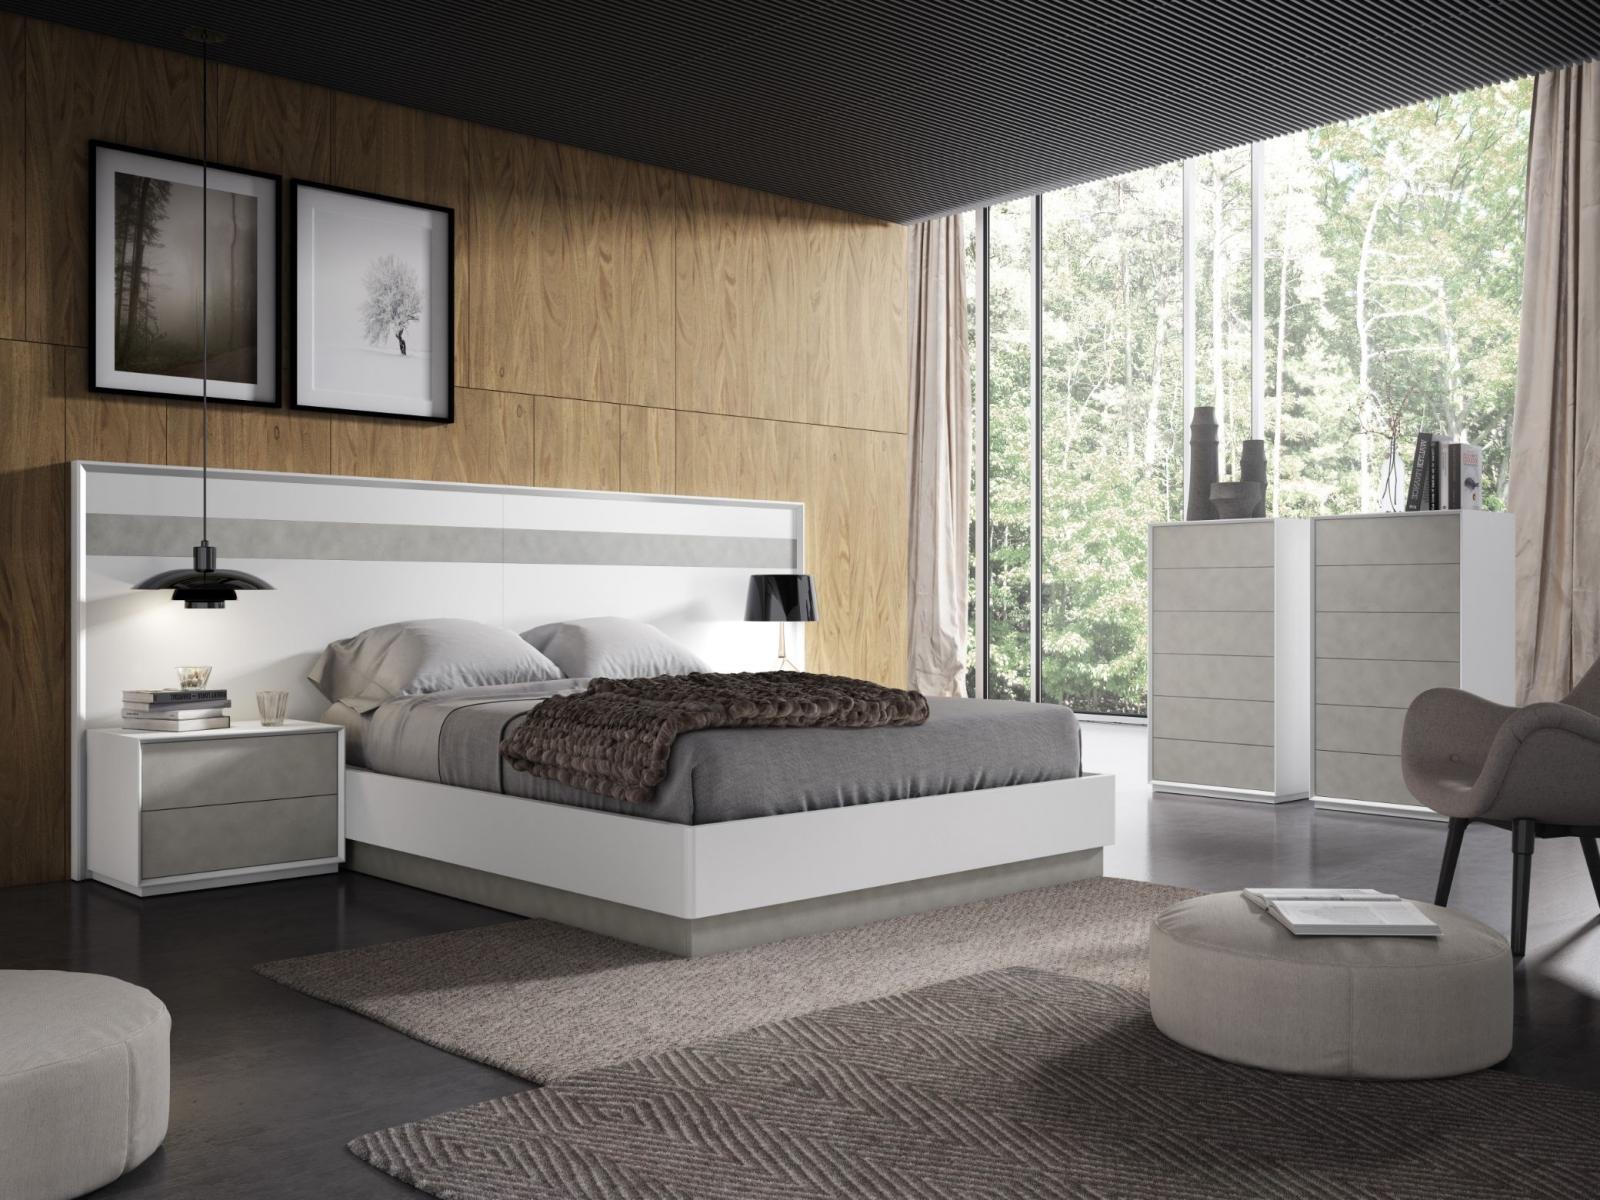 Conjunto de Dormitorio FINE-2 - Conjunto de Dormitorio FINE-2